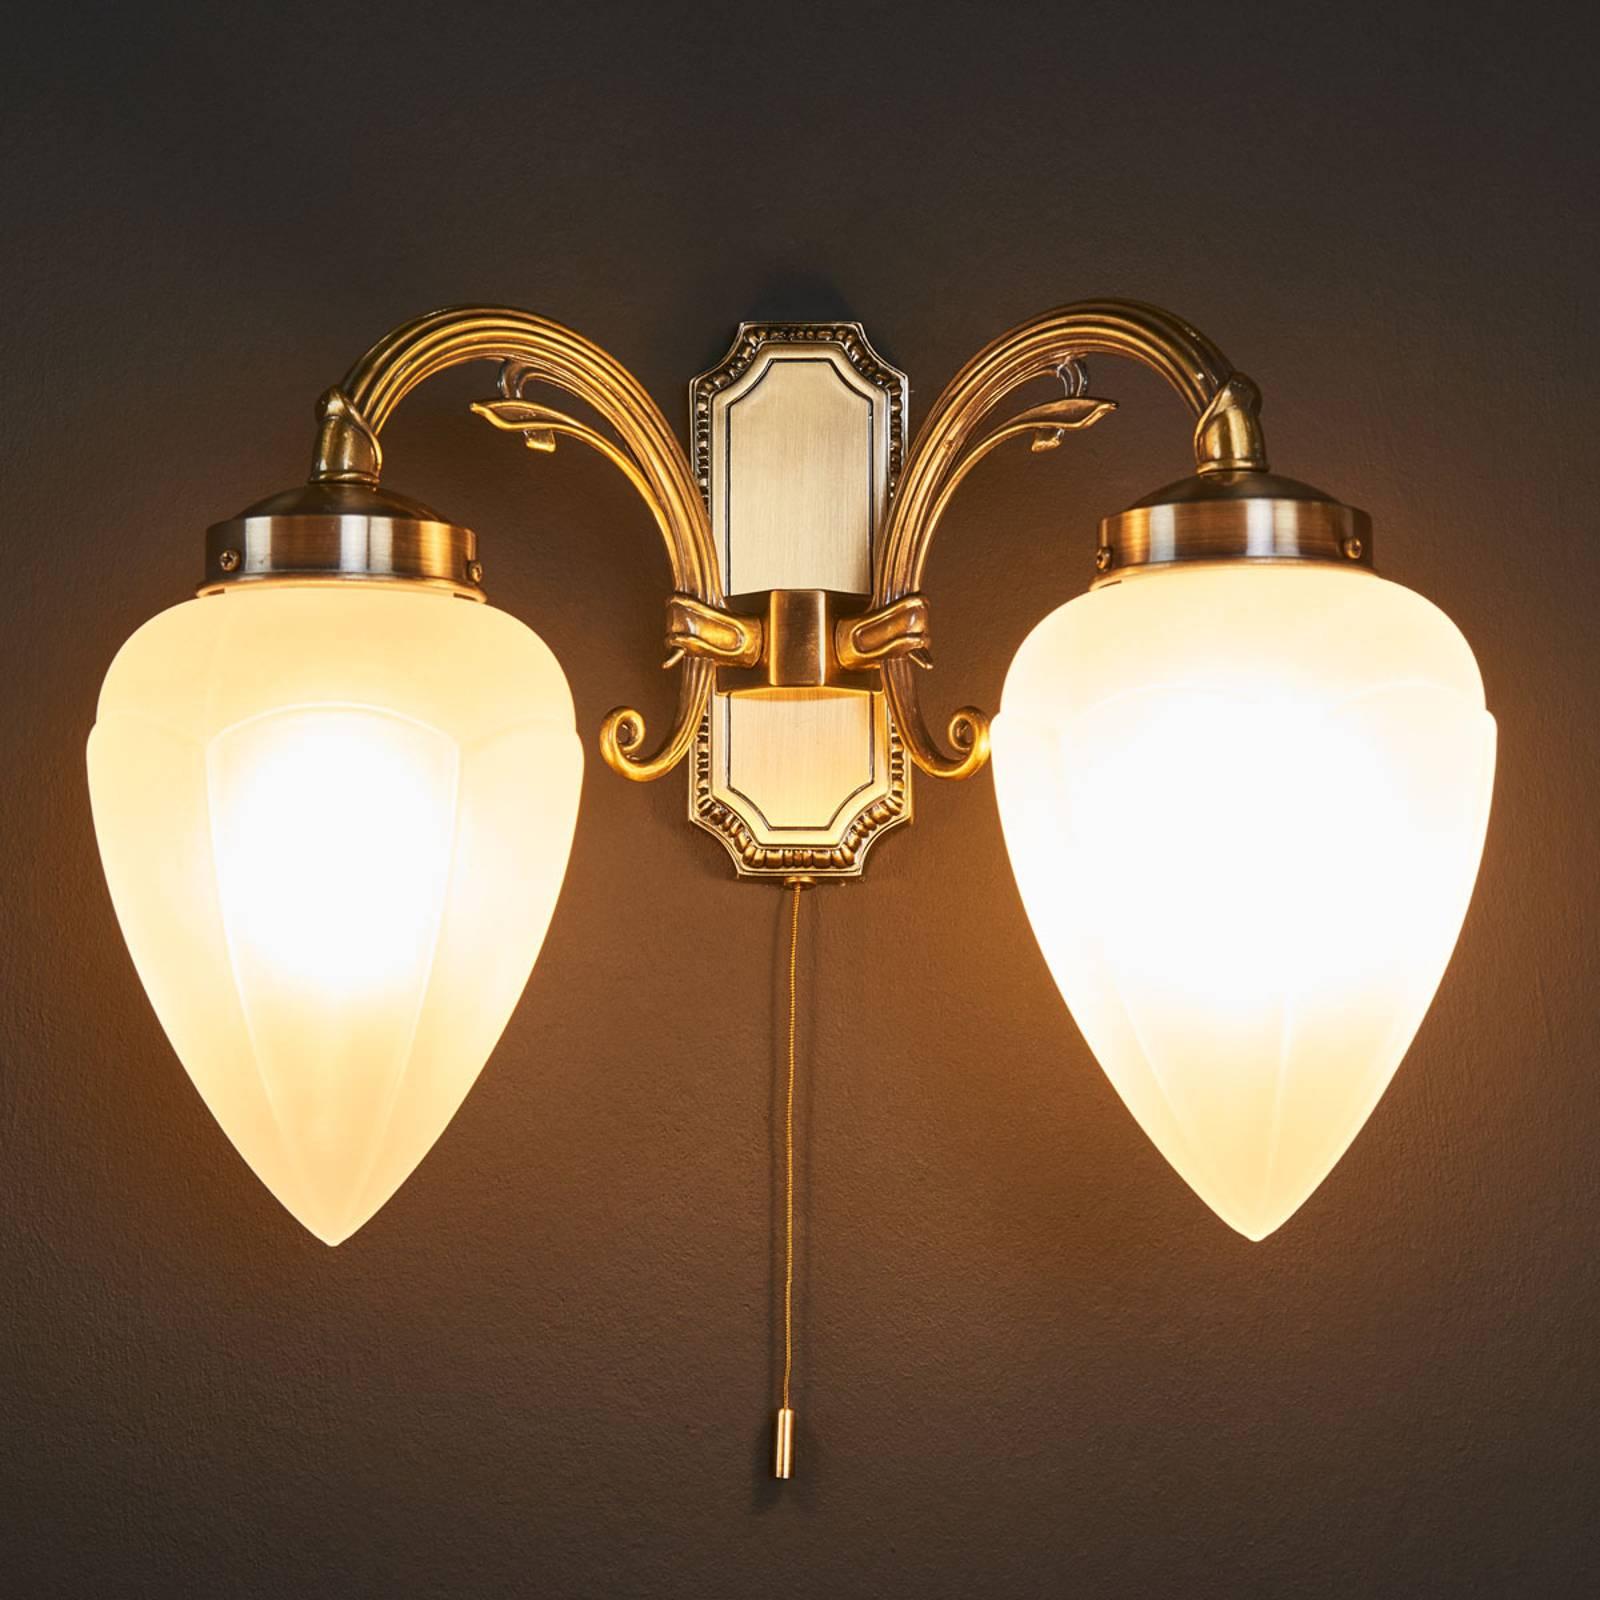 Impery-seinävalaisin, kaksilamppuinen